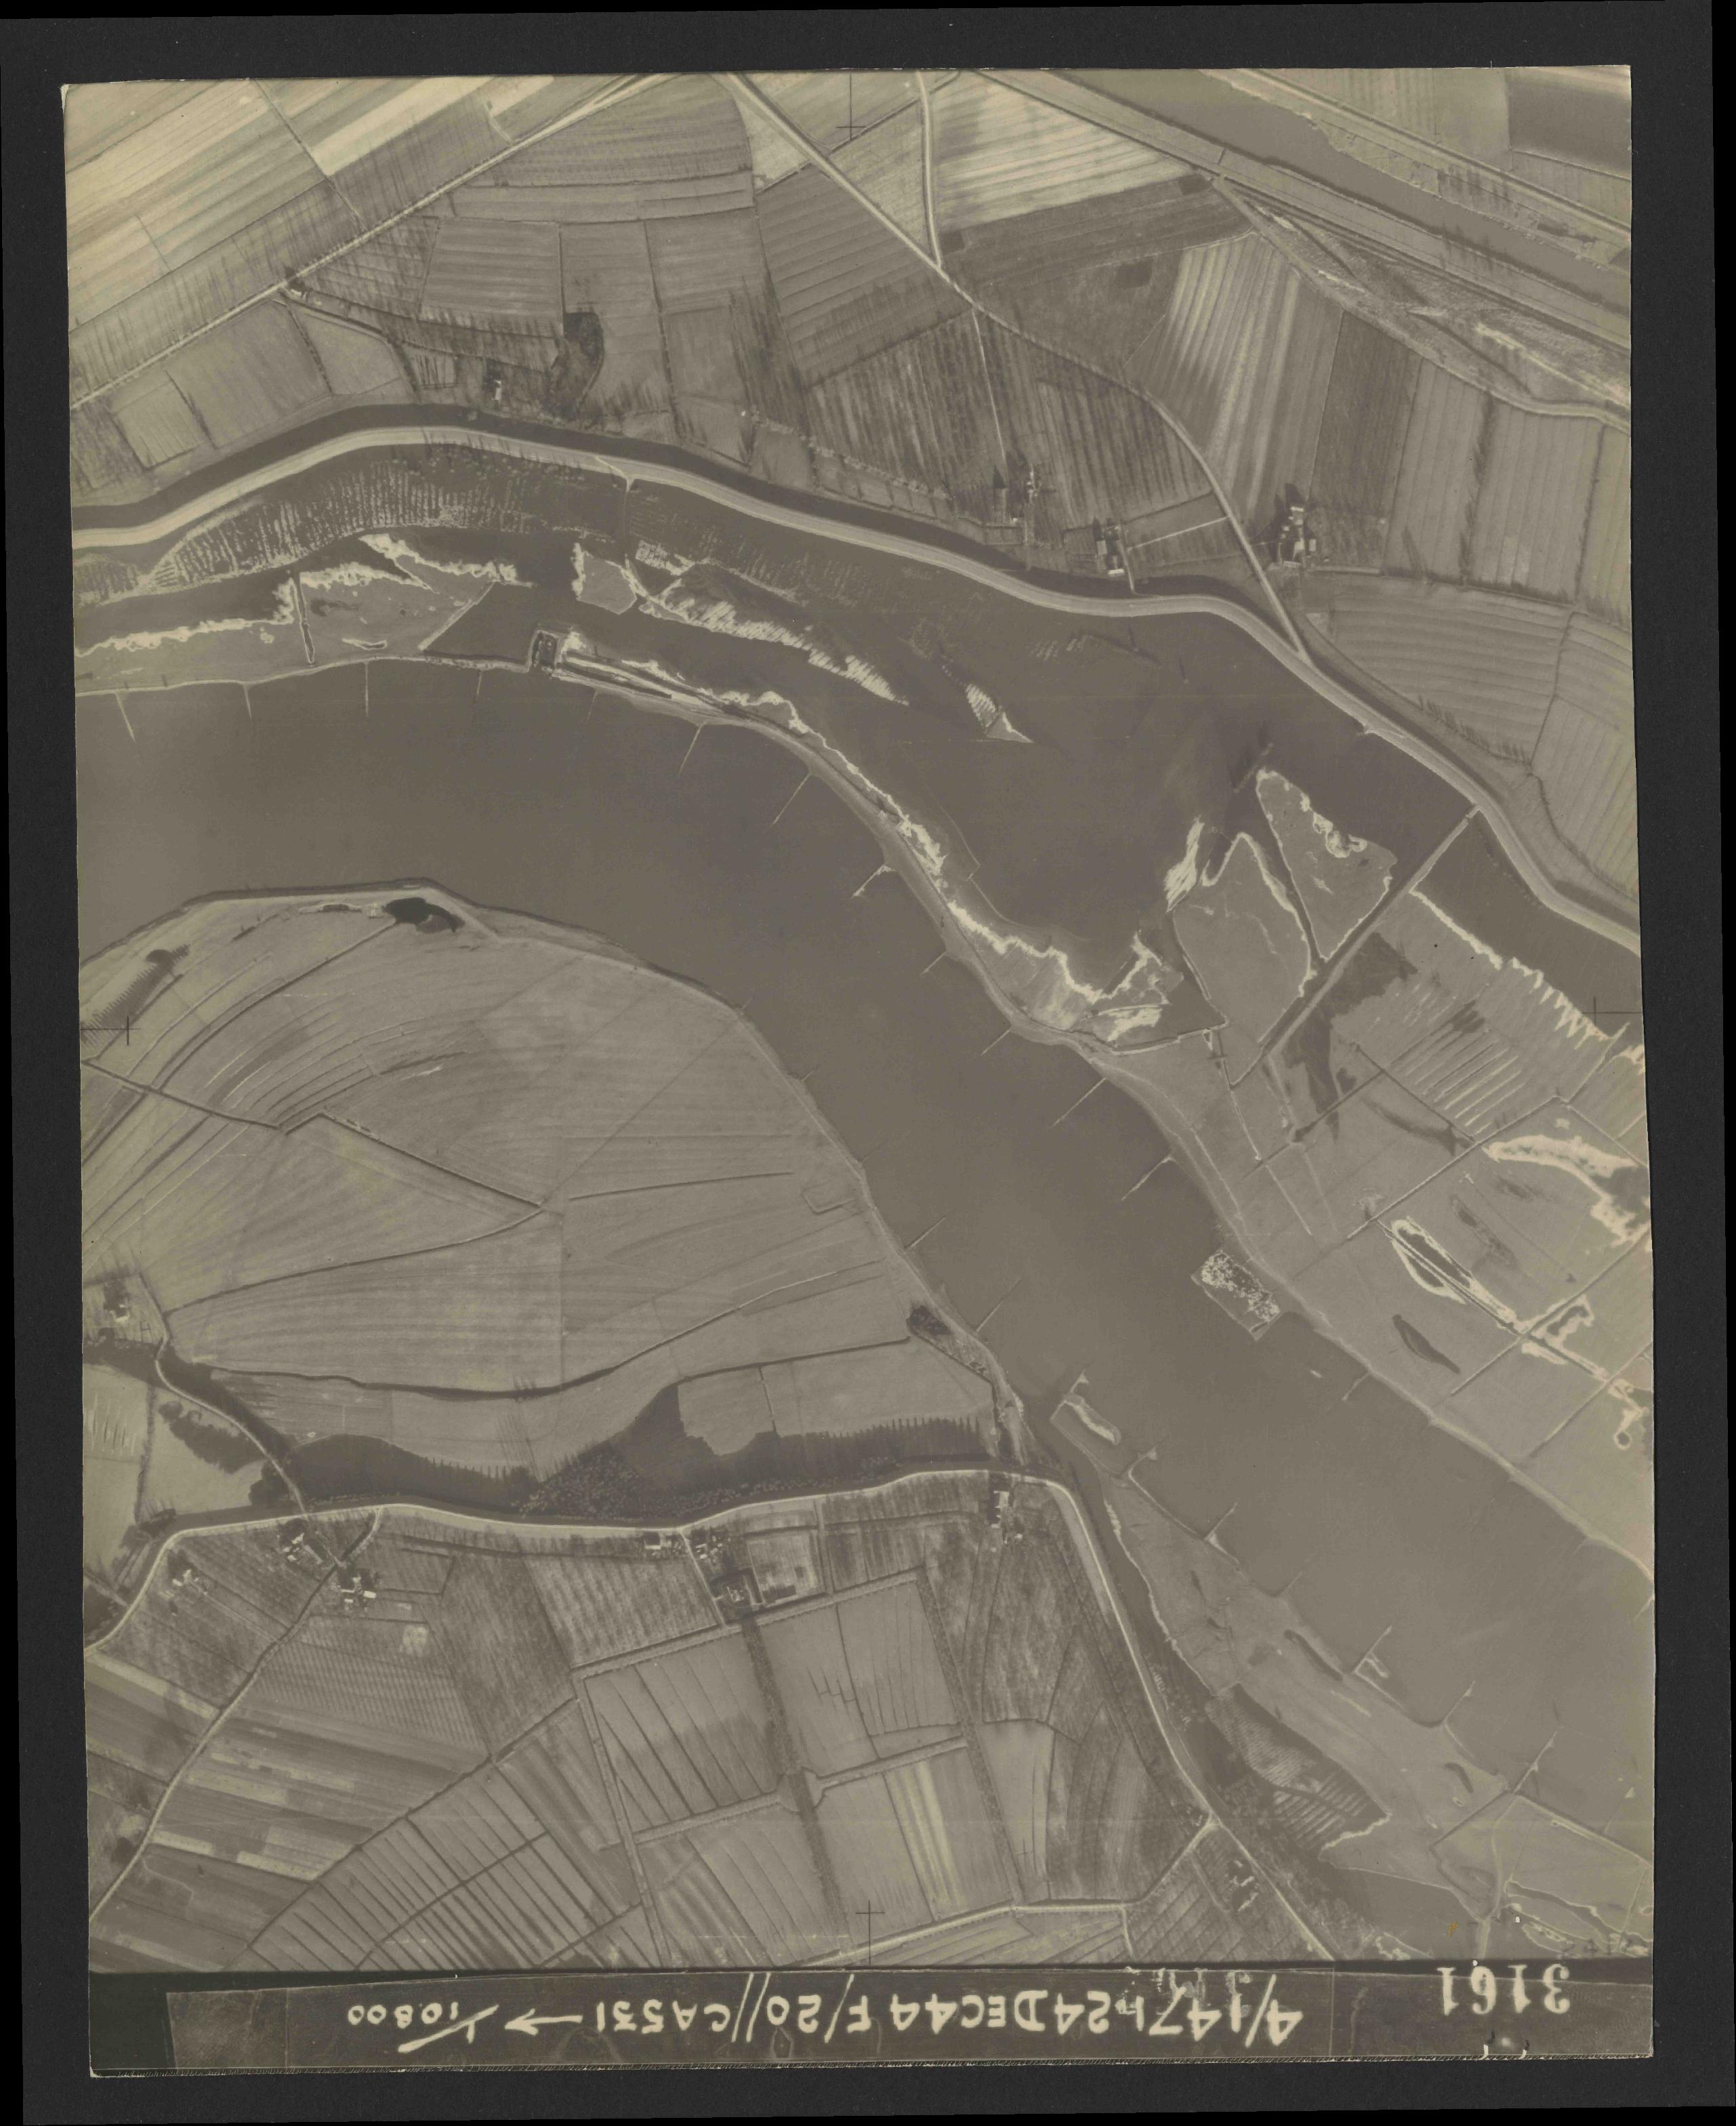 Collection RAF aerial photos 1940-1945 - flight 125, run 05, photo 3161